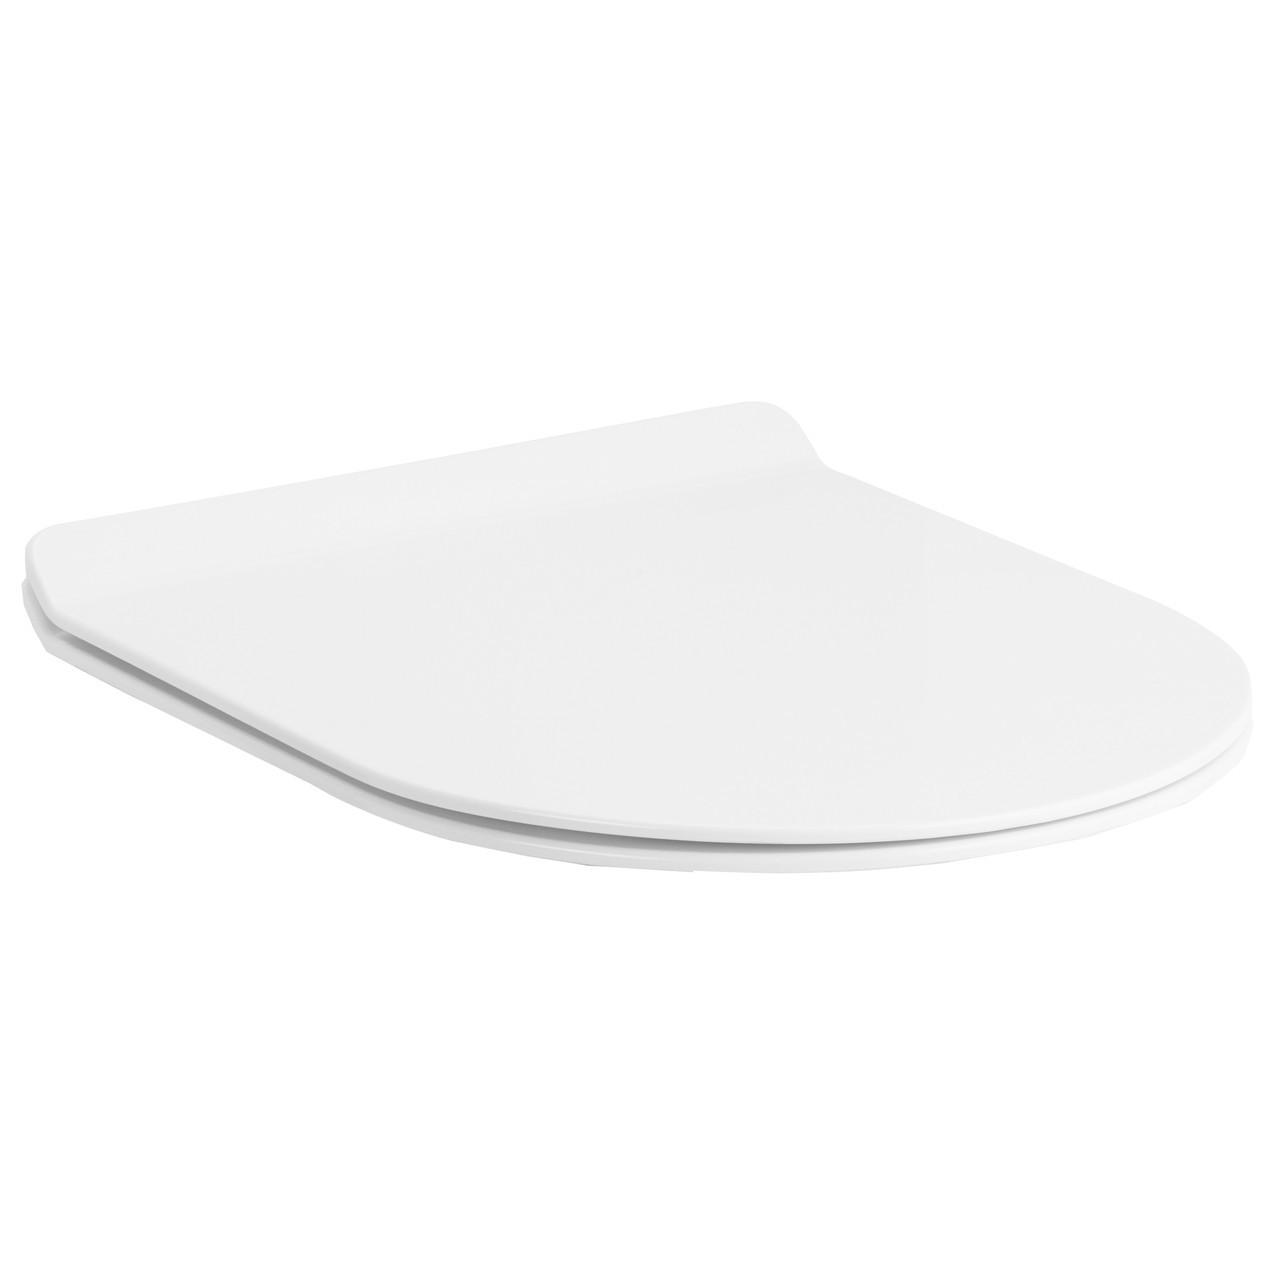 Сиденье для унитаза Slim твердое slow-closing крепление метал Volle Amadeus 13-06-035 белый